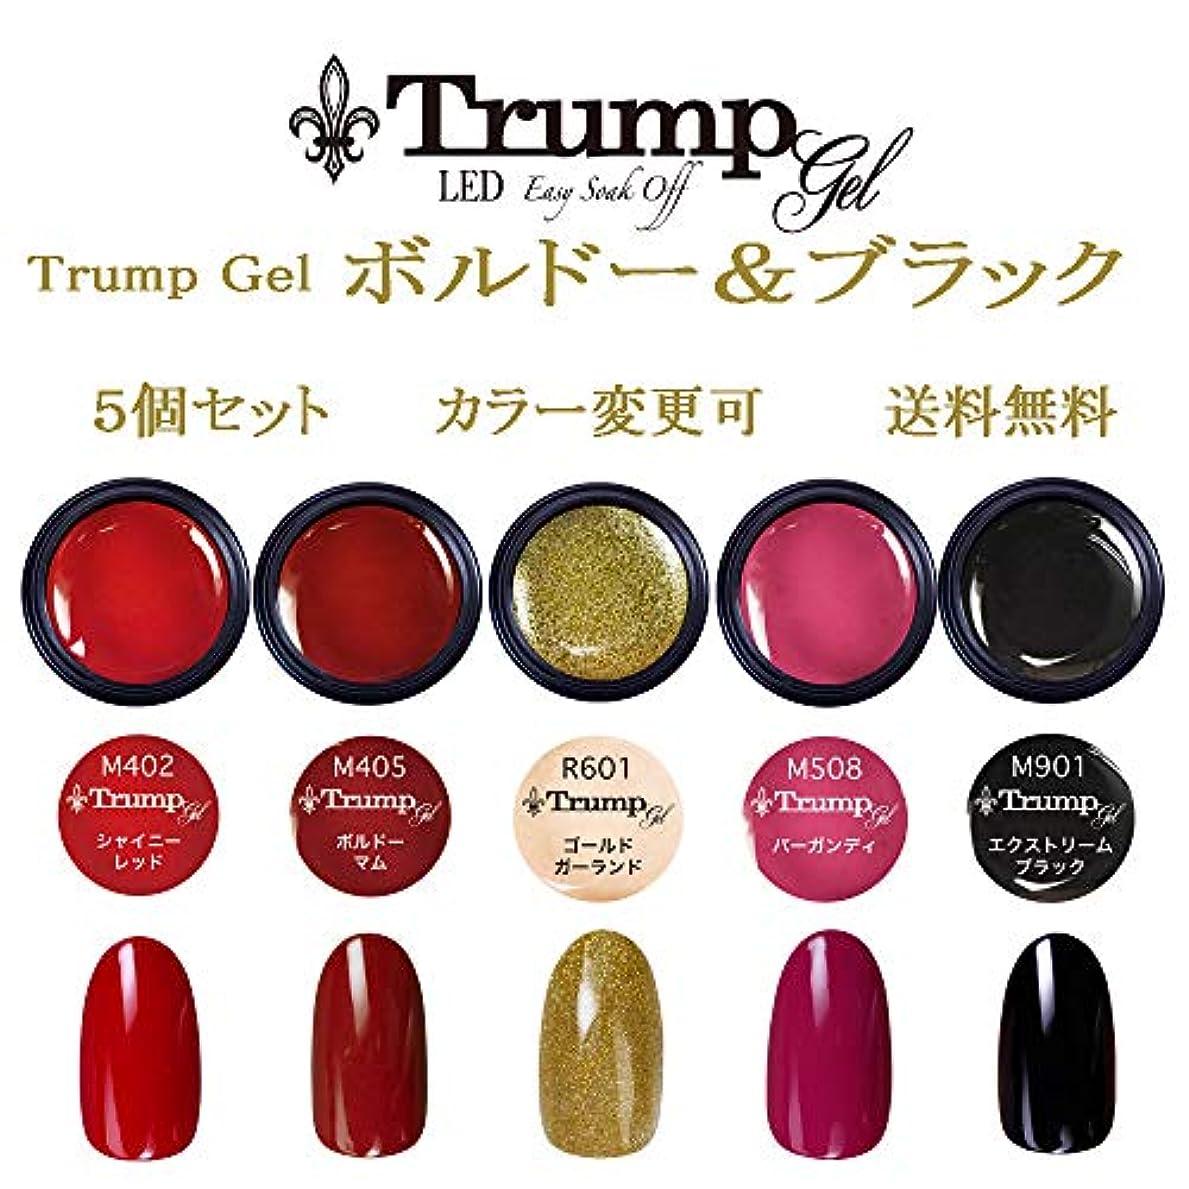 悲しむ孤独集める日本製 Trump gel トランプジェル ボルドー & ブラック ネイル 選べる カラージェル 5個セット ワイン ボルドー ゴールド パープル ブラック